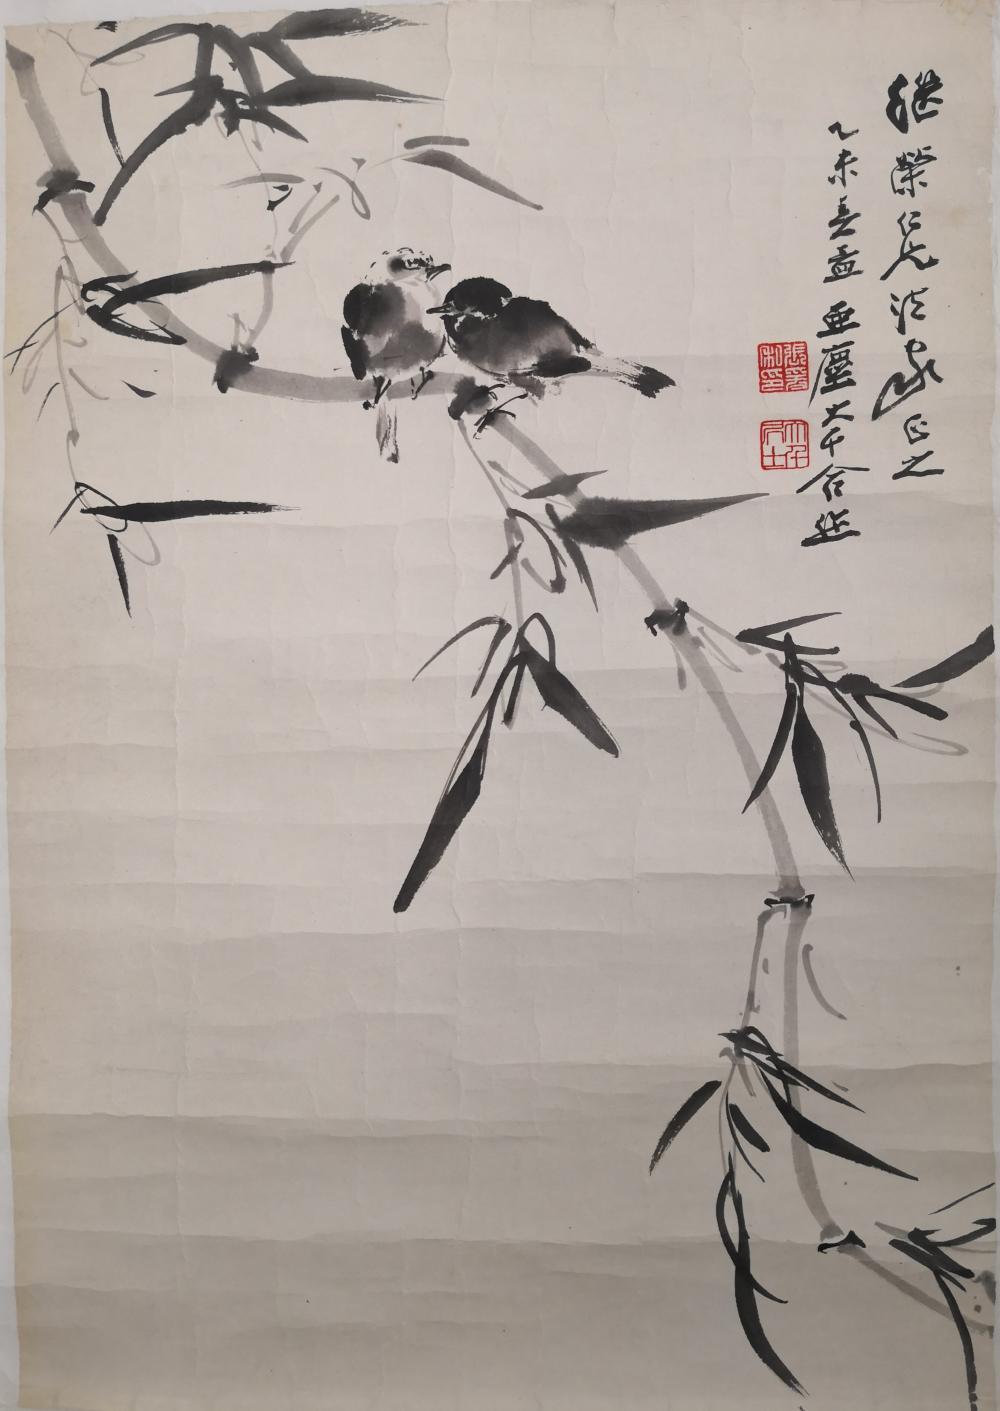 A CHINESE PAINTING BY ZHANG DAQIAN; WANG YACHEN